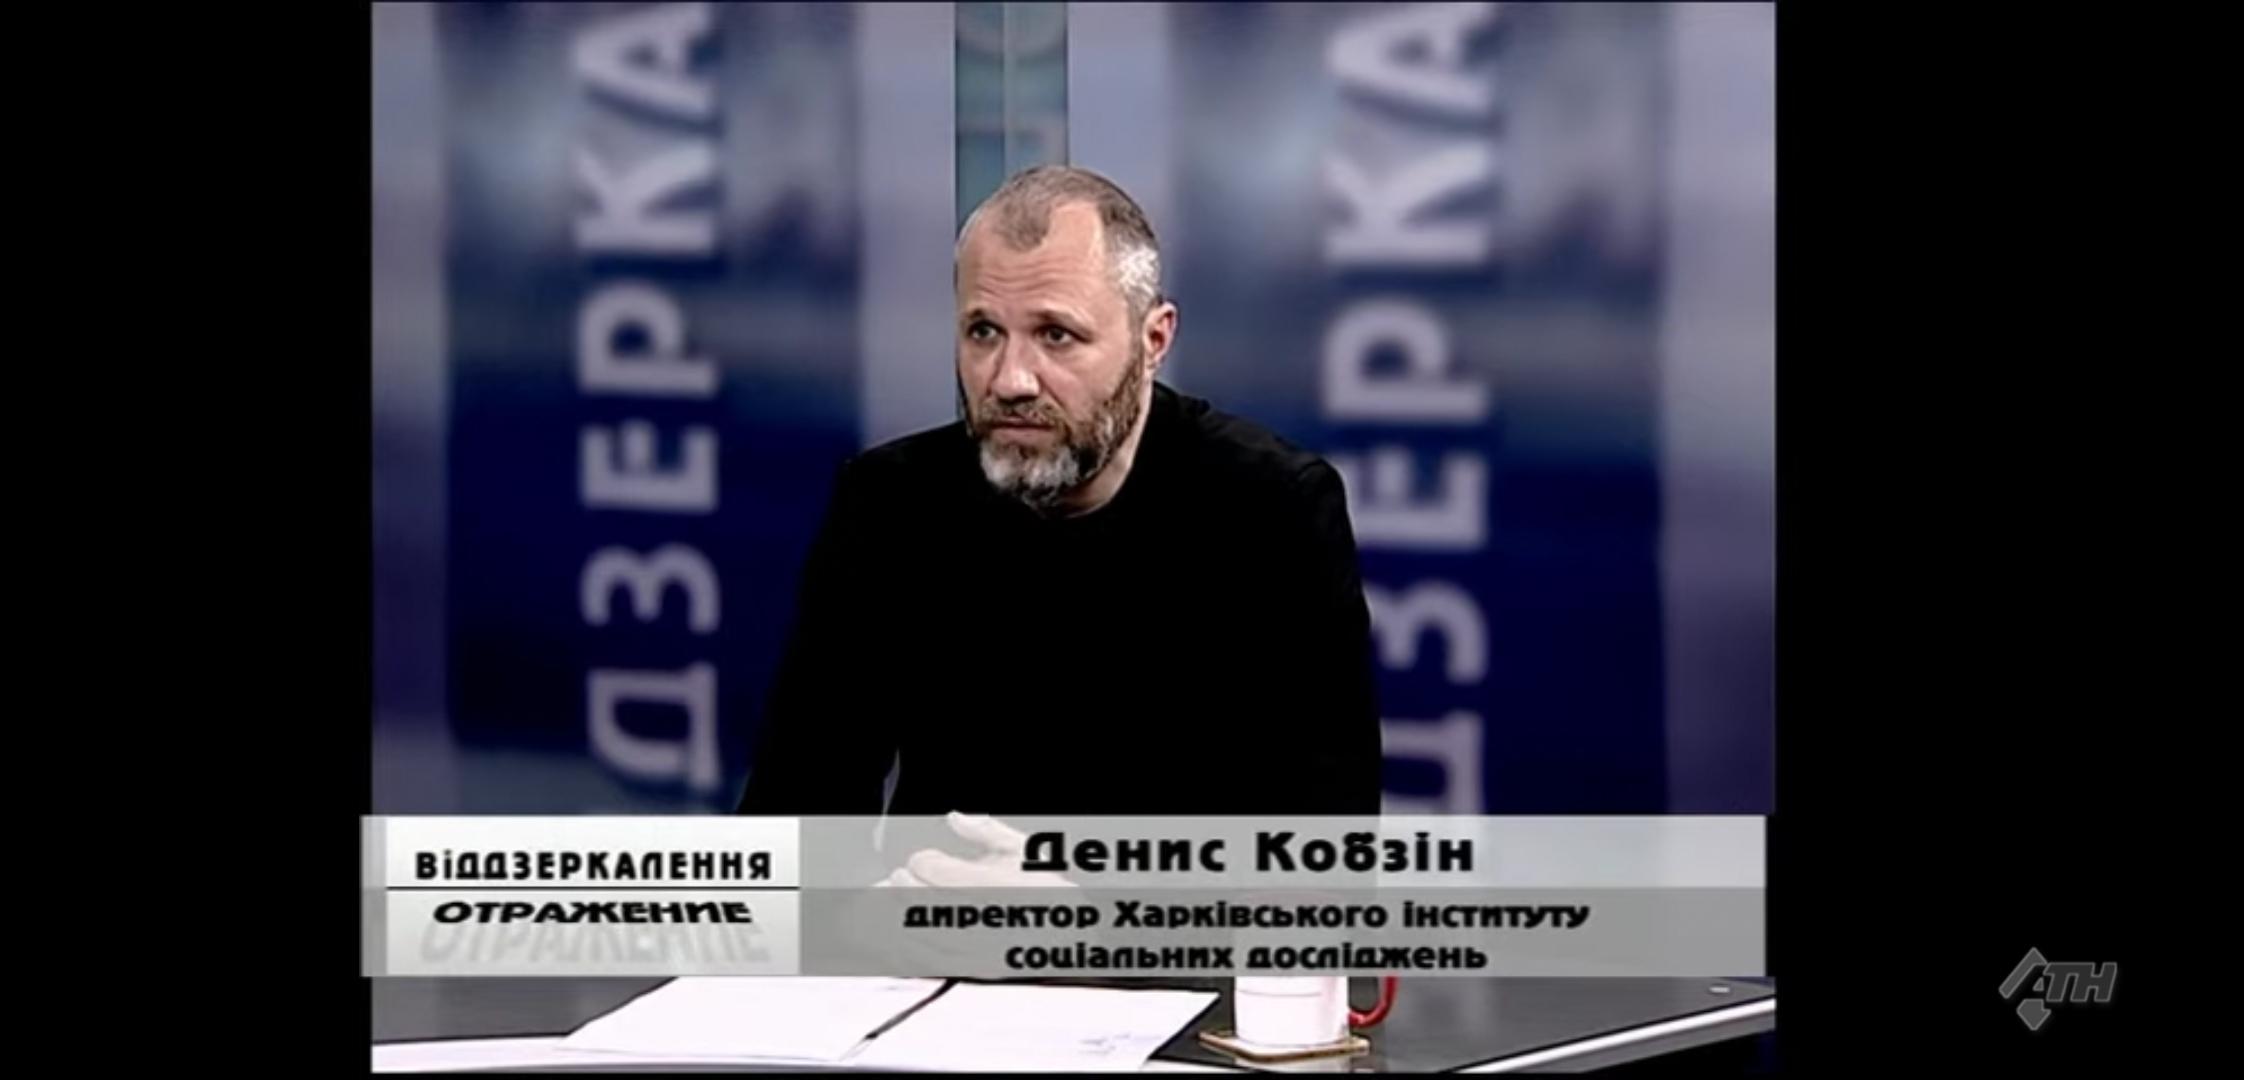 """Ставлення людей до коронавірусу: Денис Кобзін у програмі """"Відзеркалення"""" на АТН Харків"""